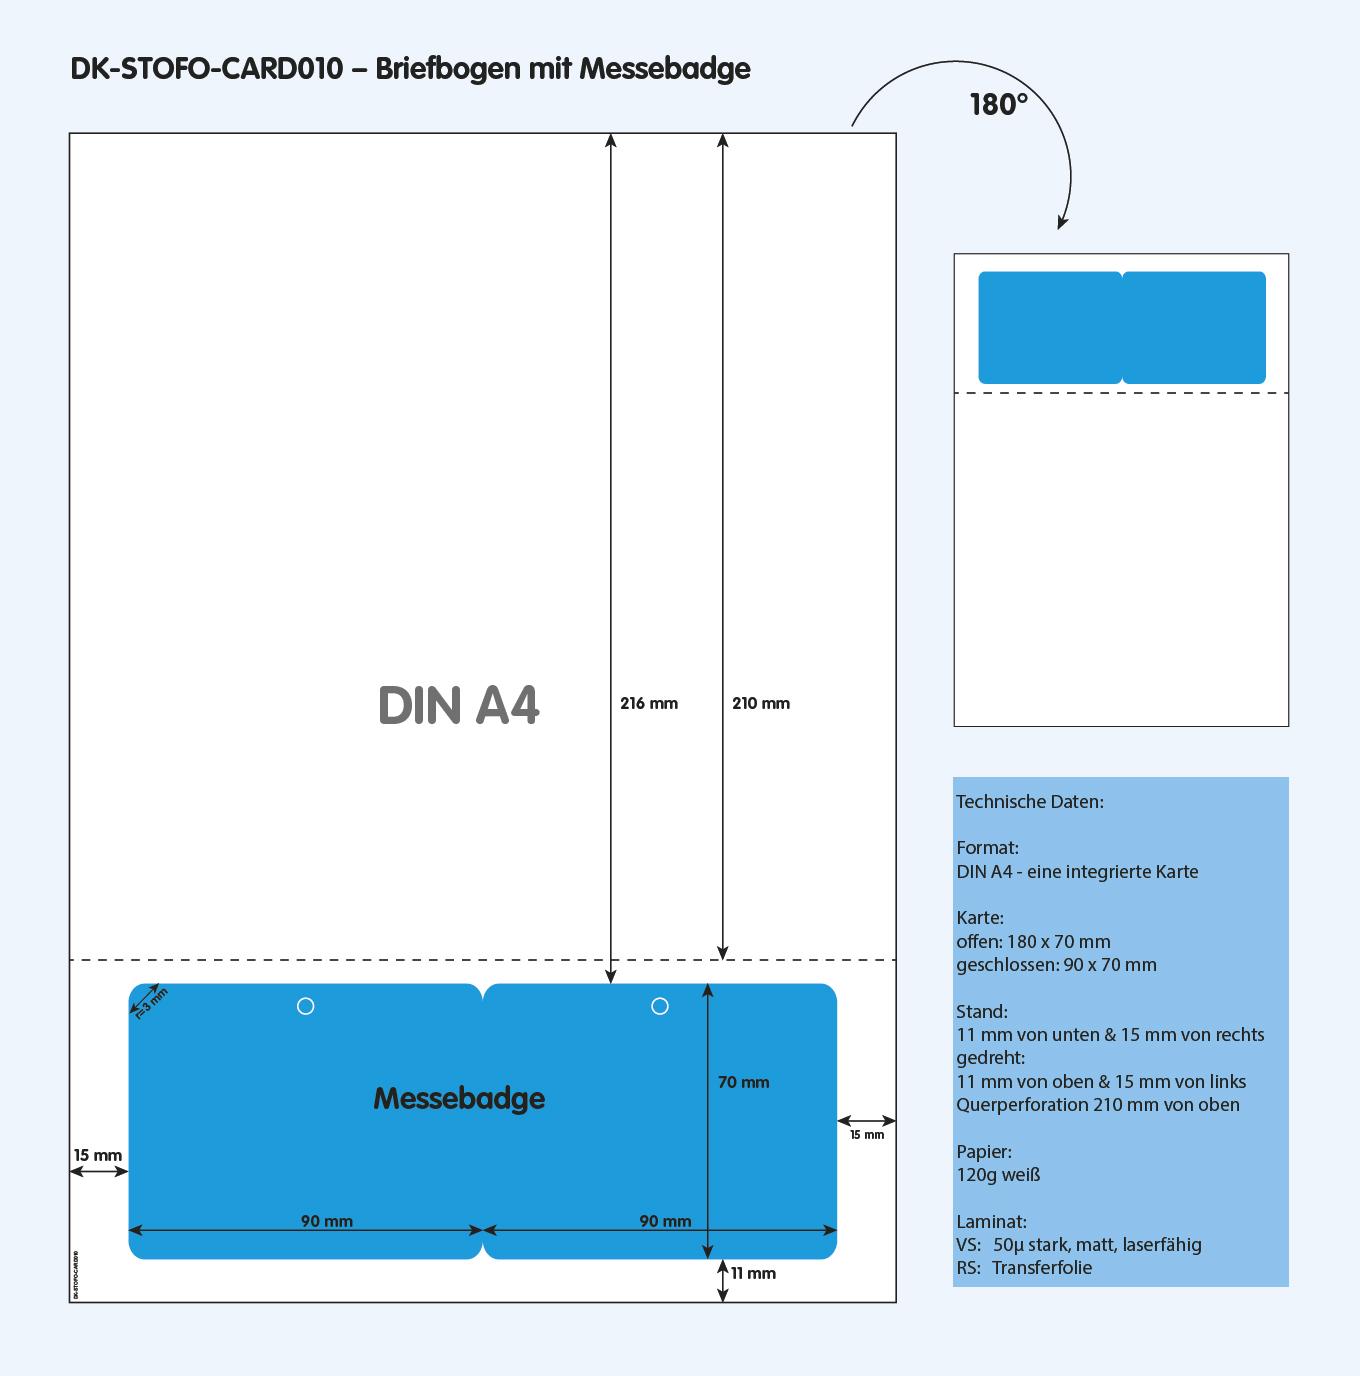 DK-STOFO-CARD010 - technische Zeichnung